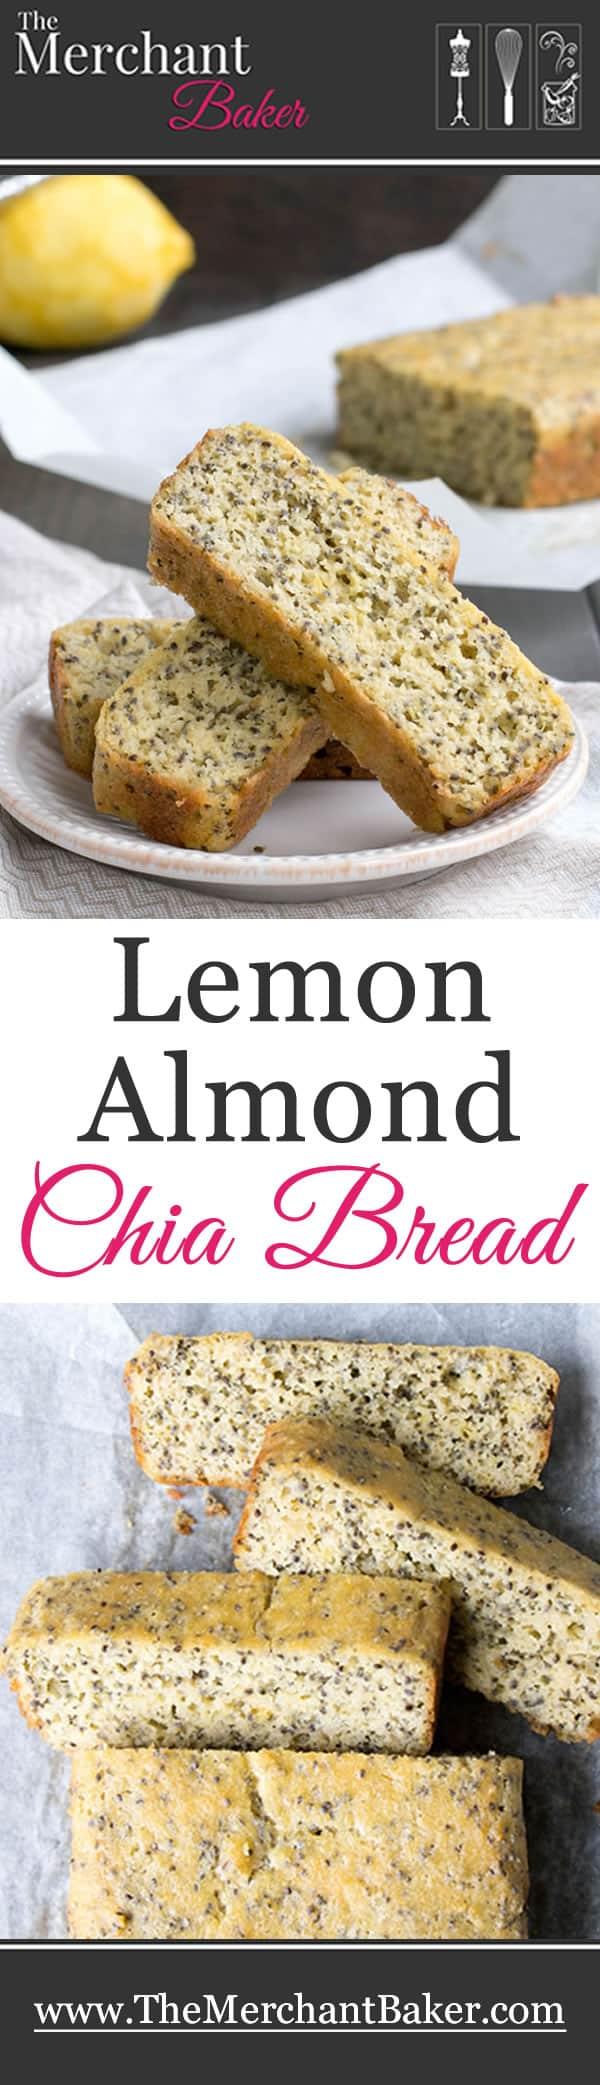 Lemon Almond Chia Bread